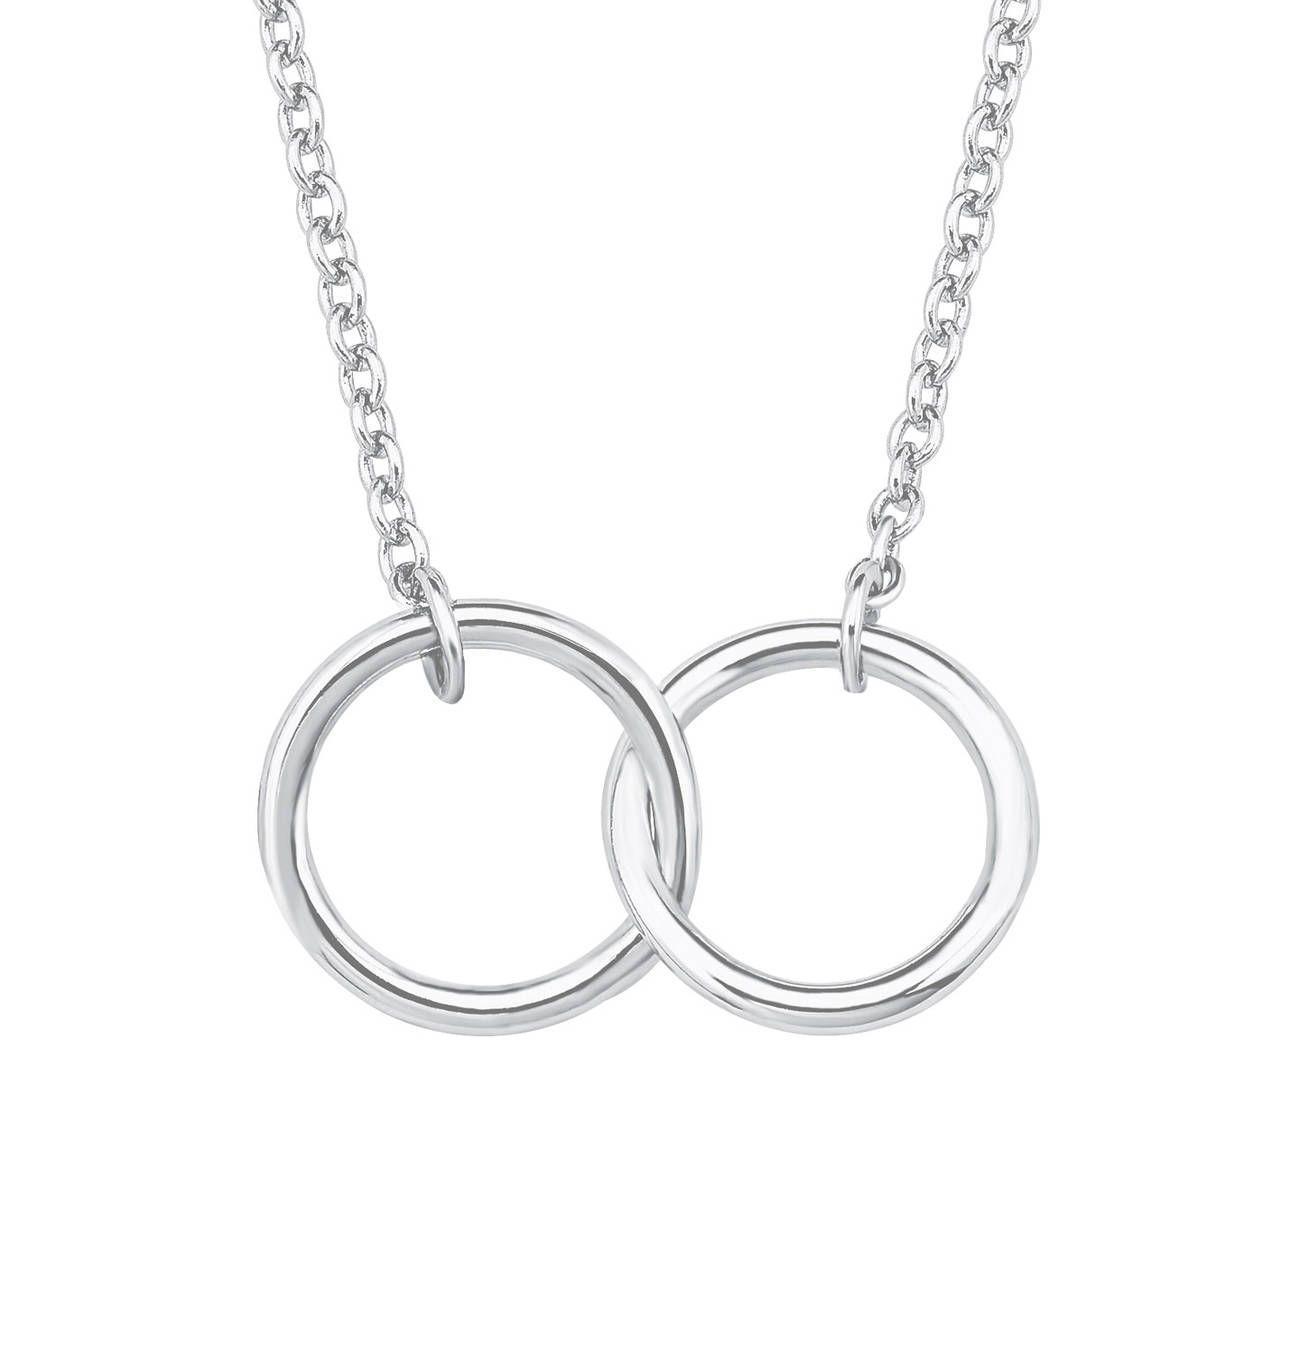 8c8d7136d246 Kette mit Kreisen 2017139 Silber 925 in 2019 | Products ...